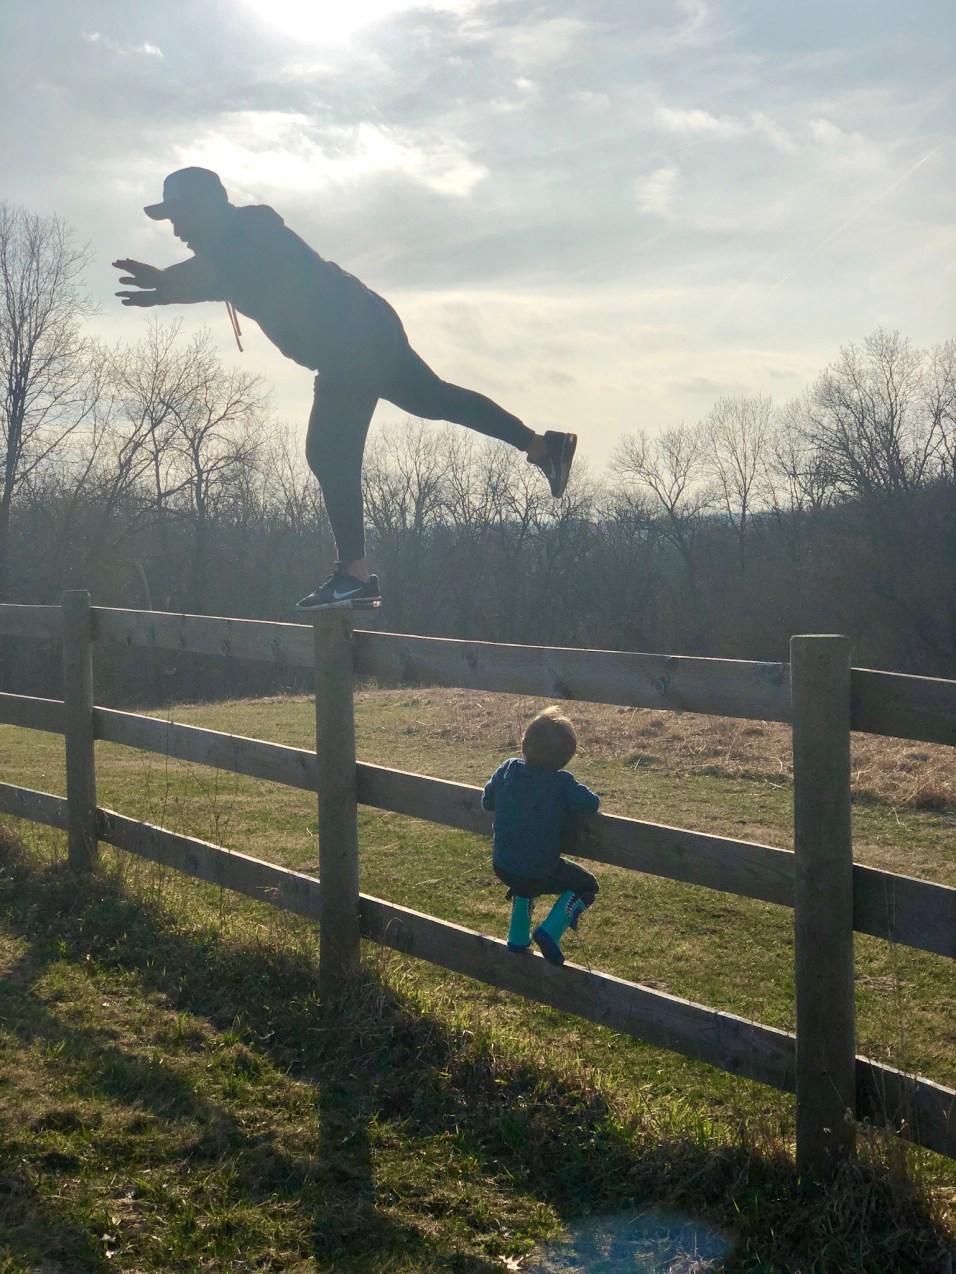 Tee having fun with his son at their grandparents' farm